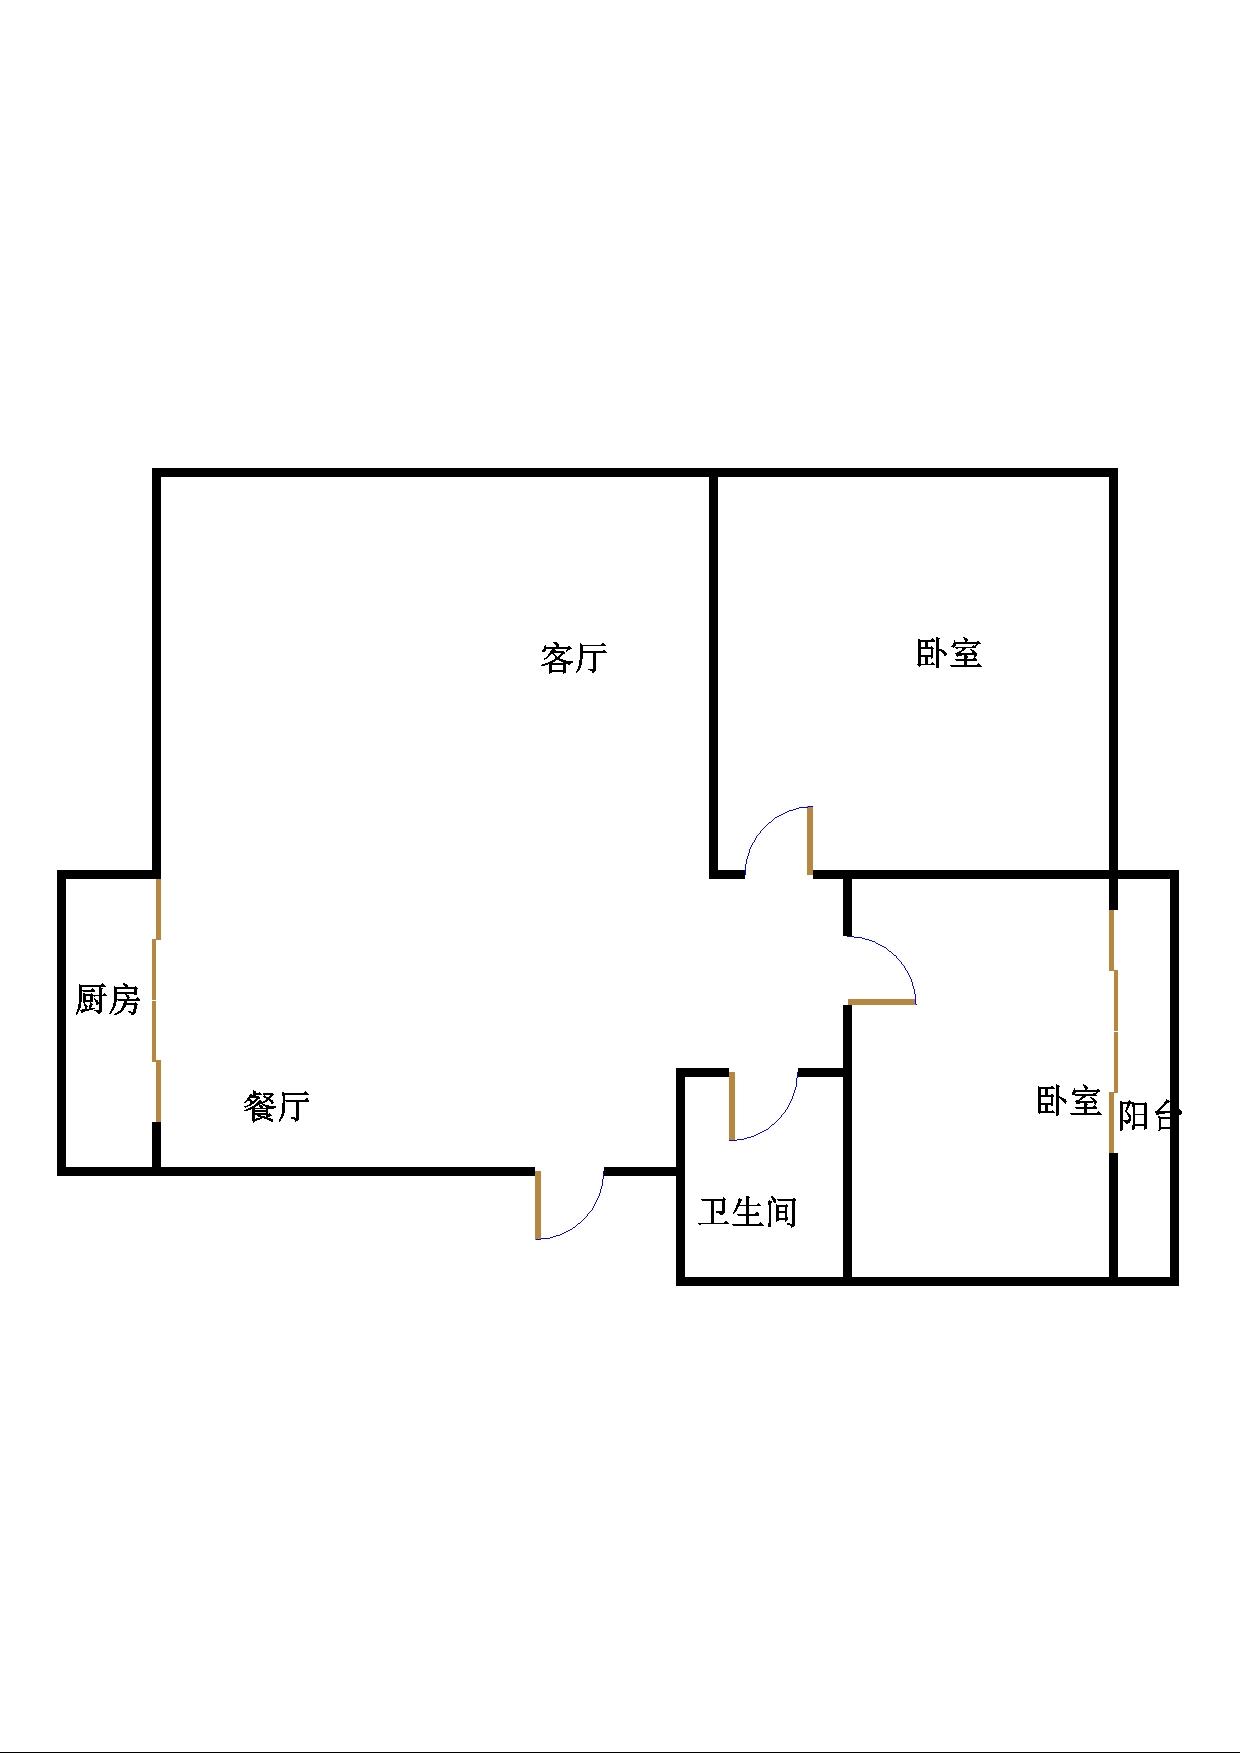 芙蓉丰顺苑 2室1厅  简装 67万